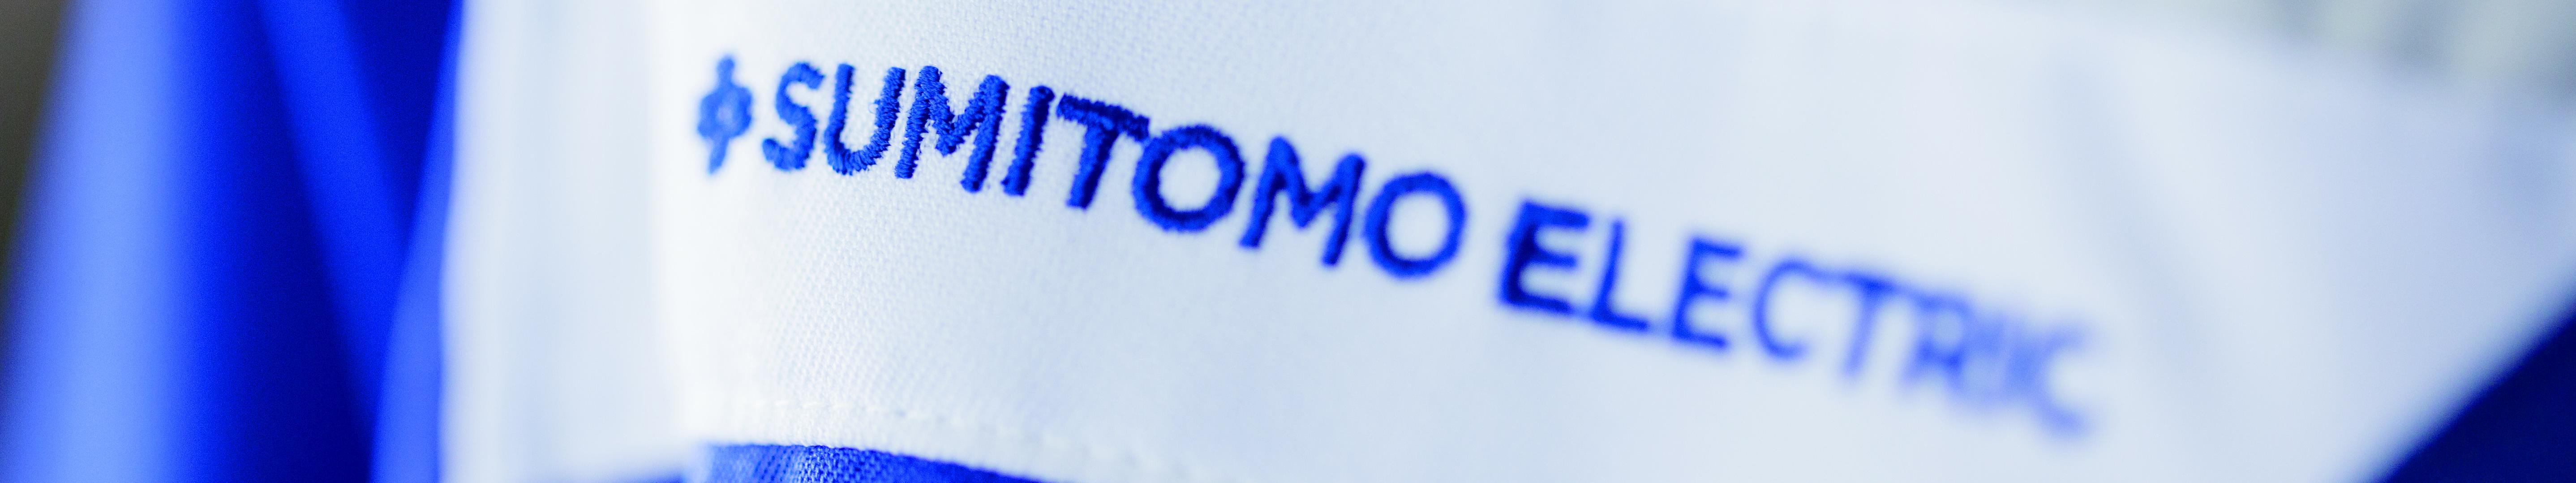 Sumitomo_electric_Image.